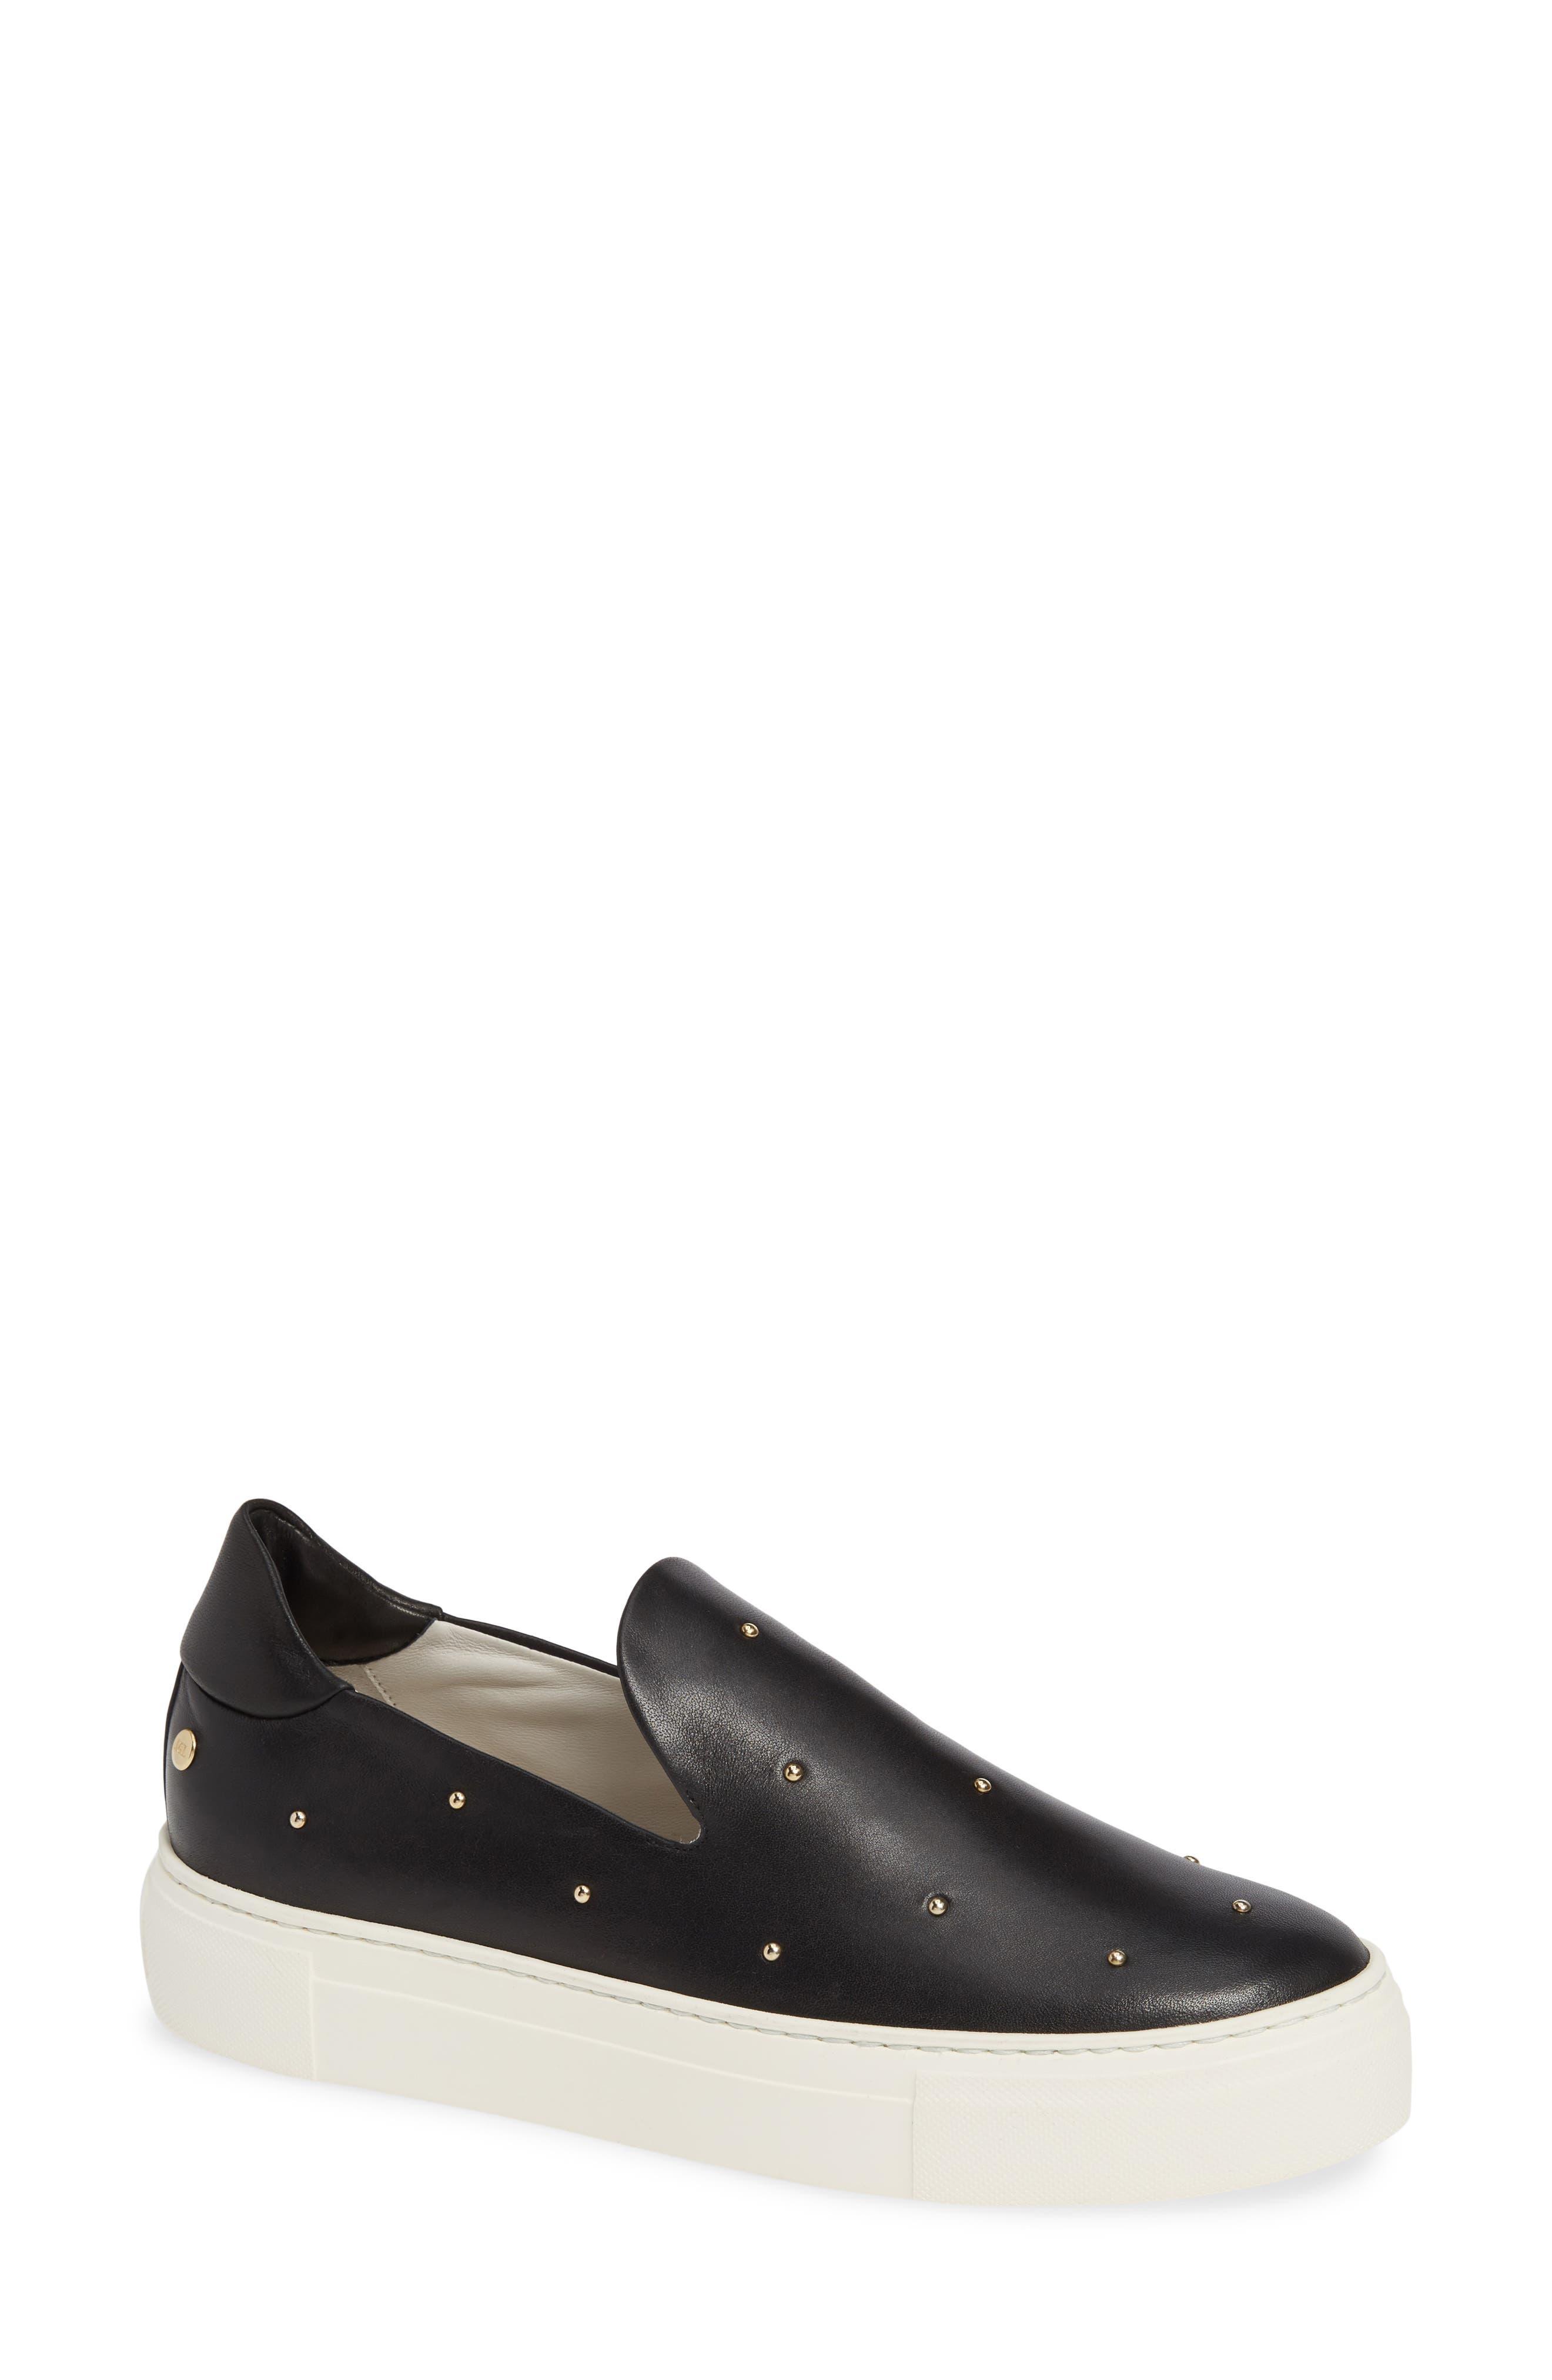 Agl Studded Slip-On Sneaker, Black